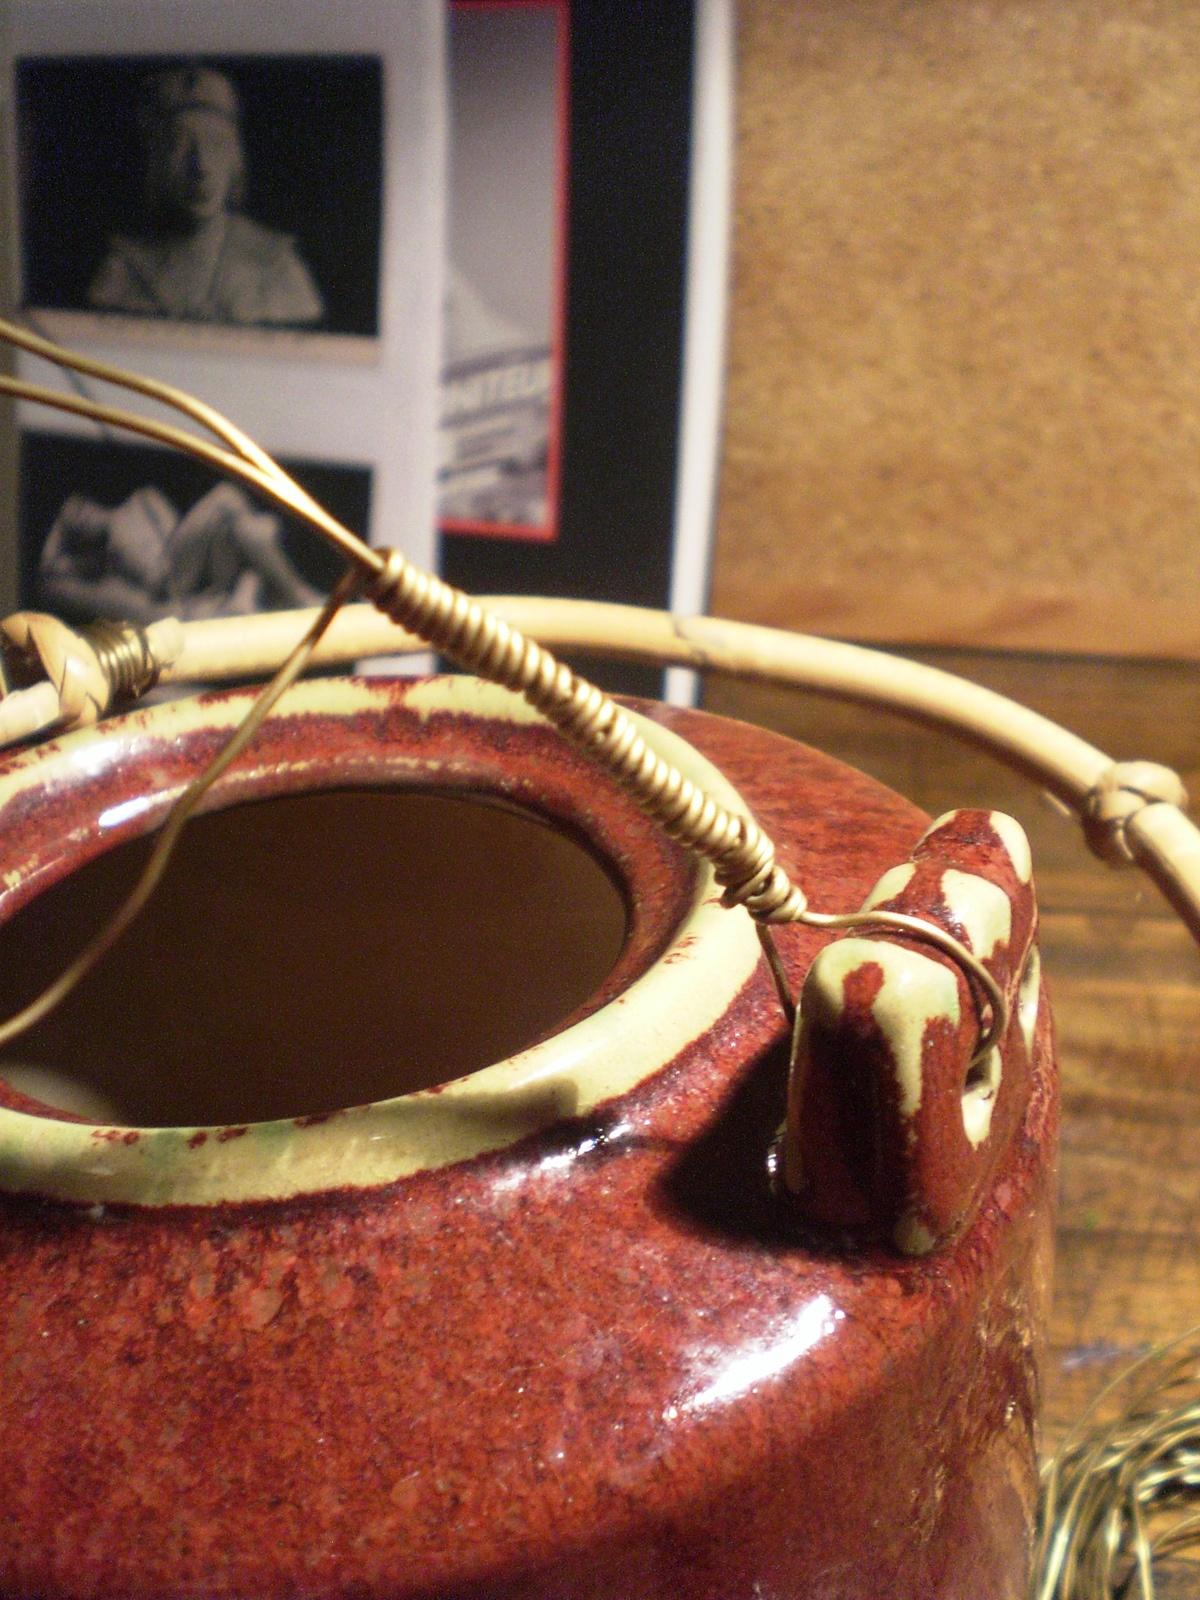 détail de la anse en laiton de la théière orientale